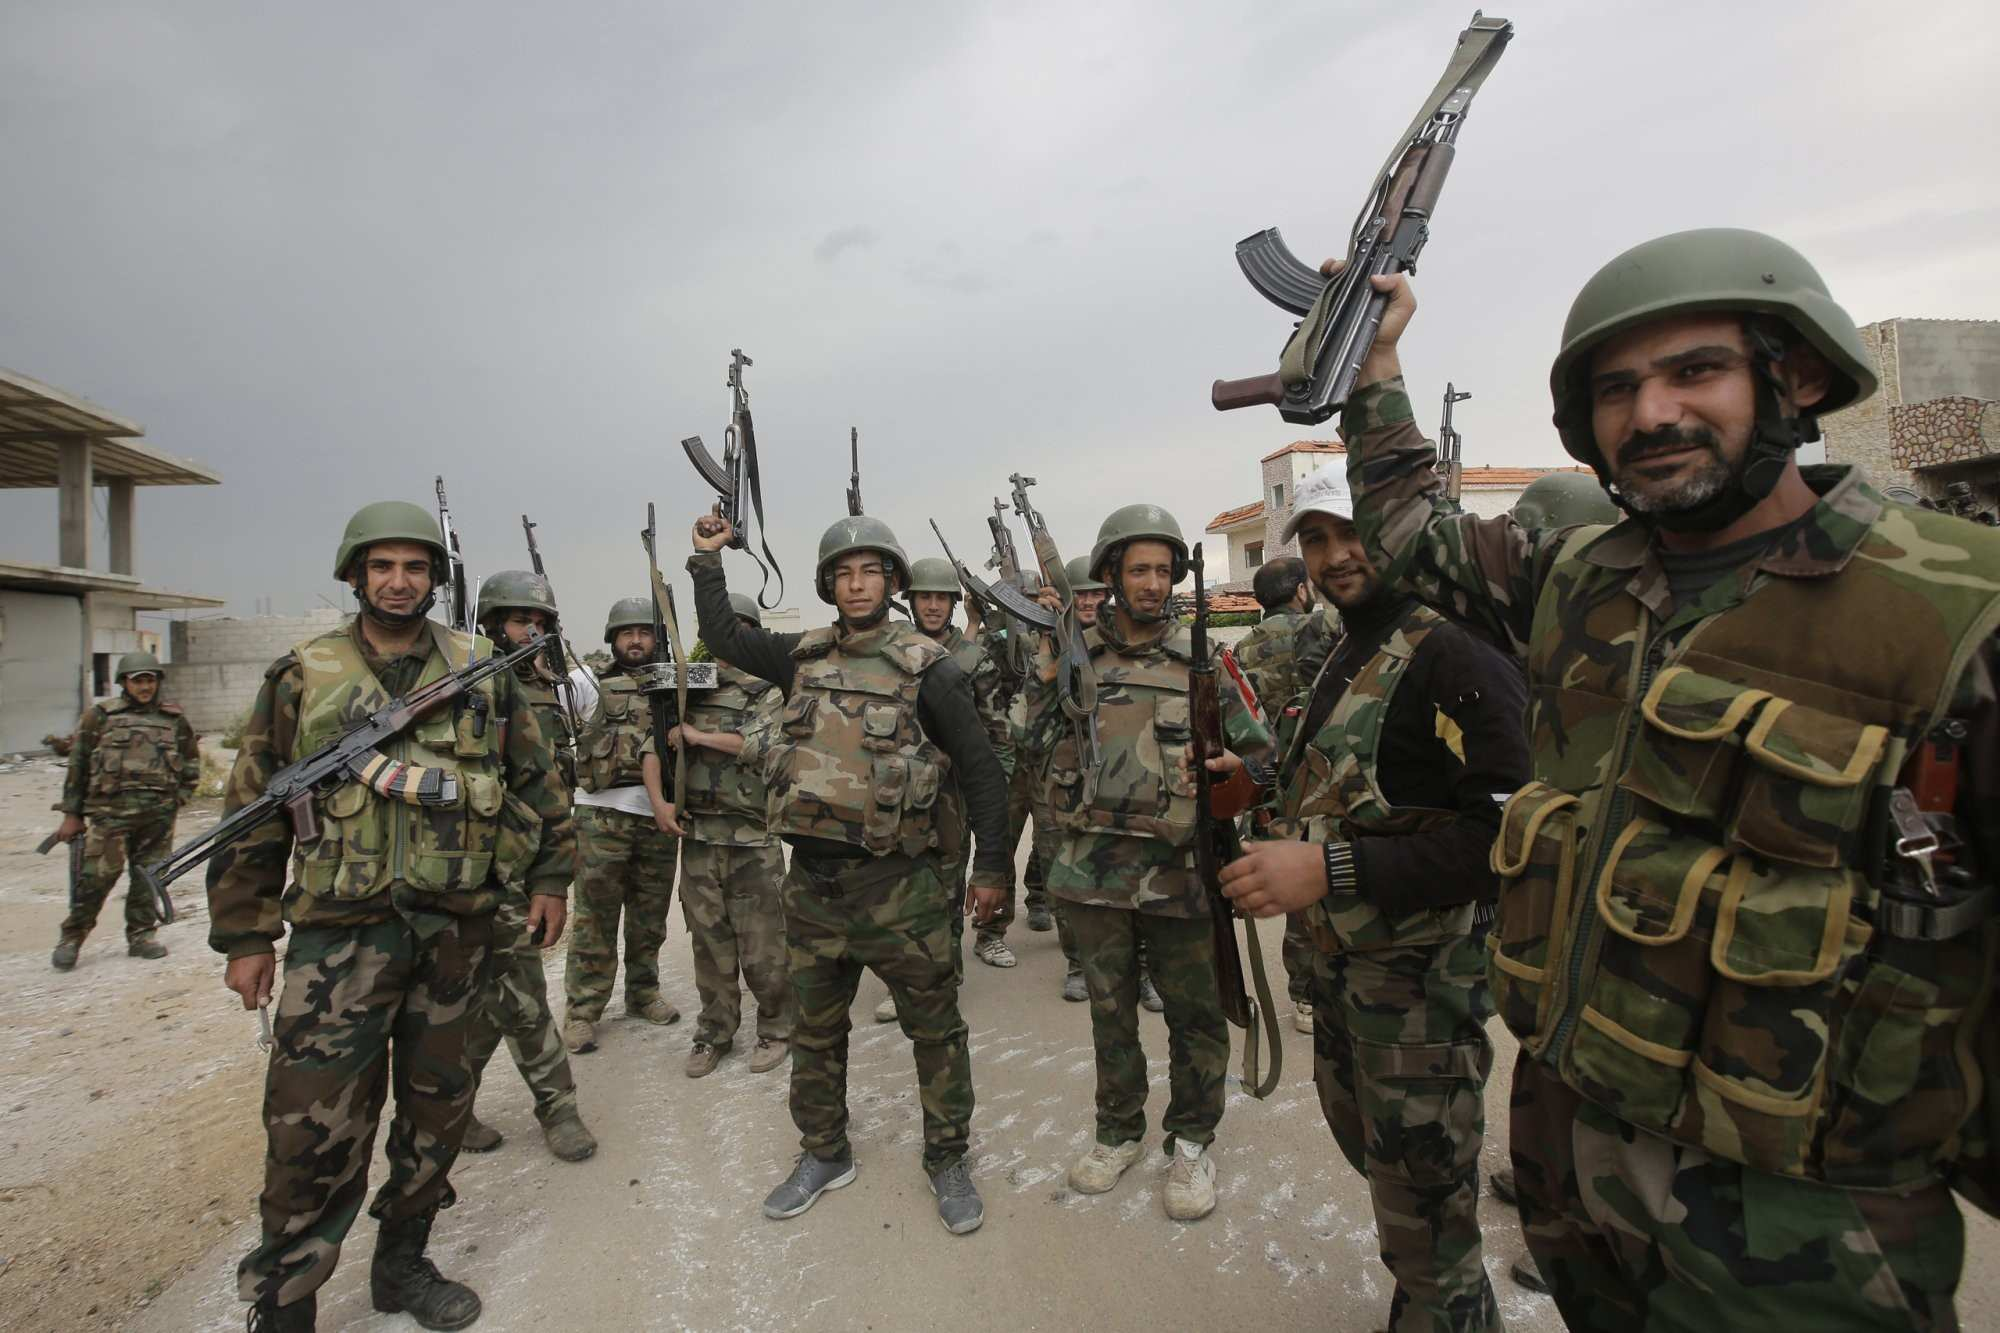 Следующие цели Армии Сирии: Дейр эз-Зор и столица ИГИЛ — Ракка | Русская весна